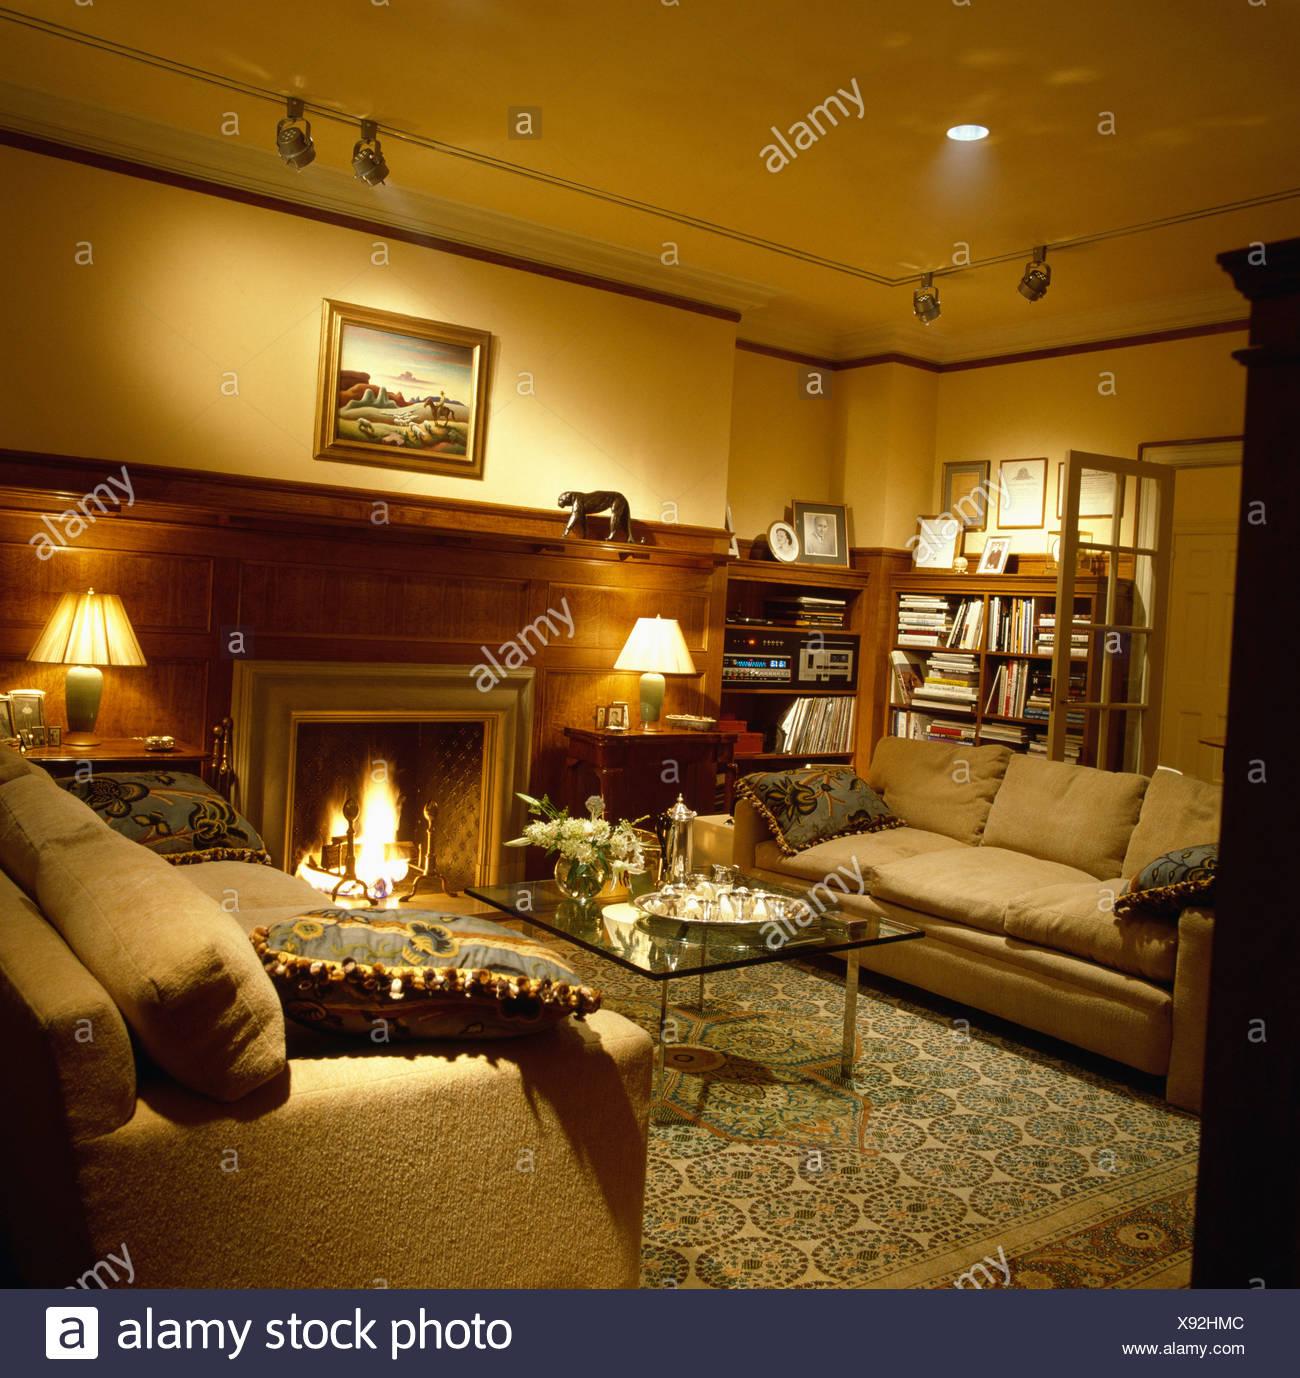 Gemütliches Wohnzimmer Mit Brennenden Lampen Und Beigefarbenen Sofas Am  Kamin